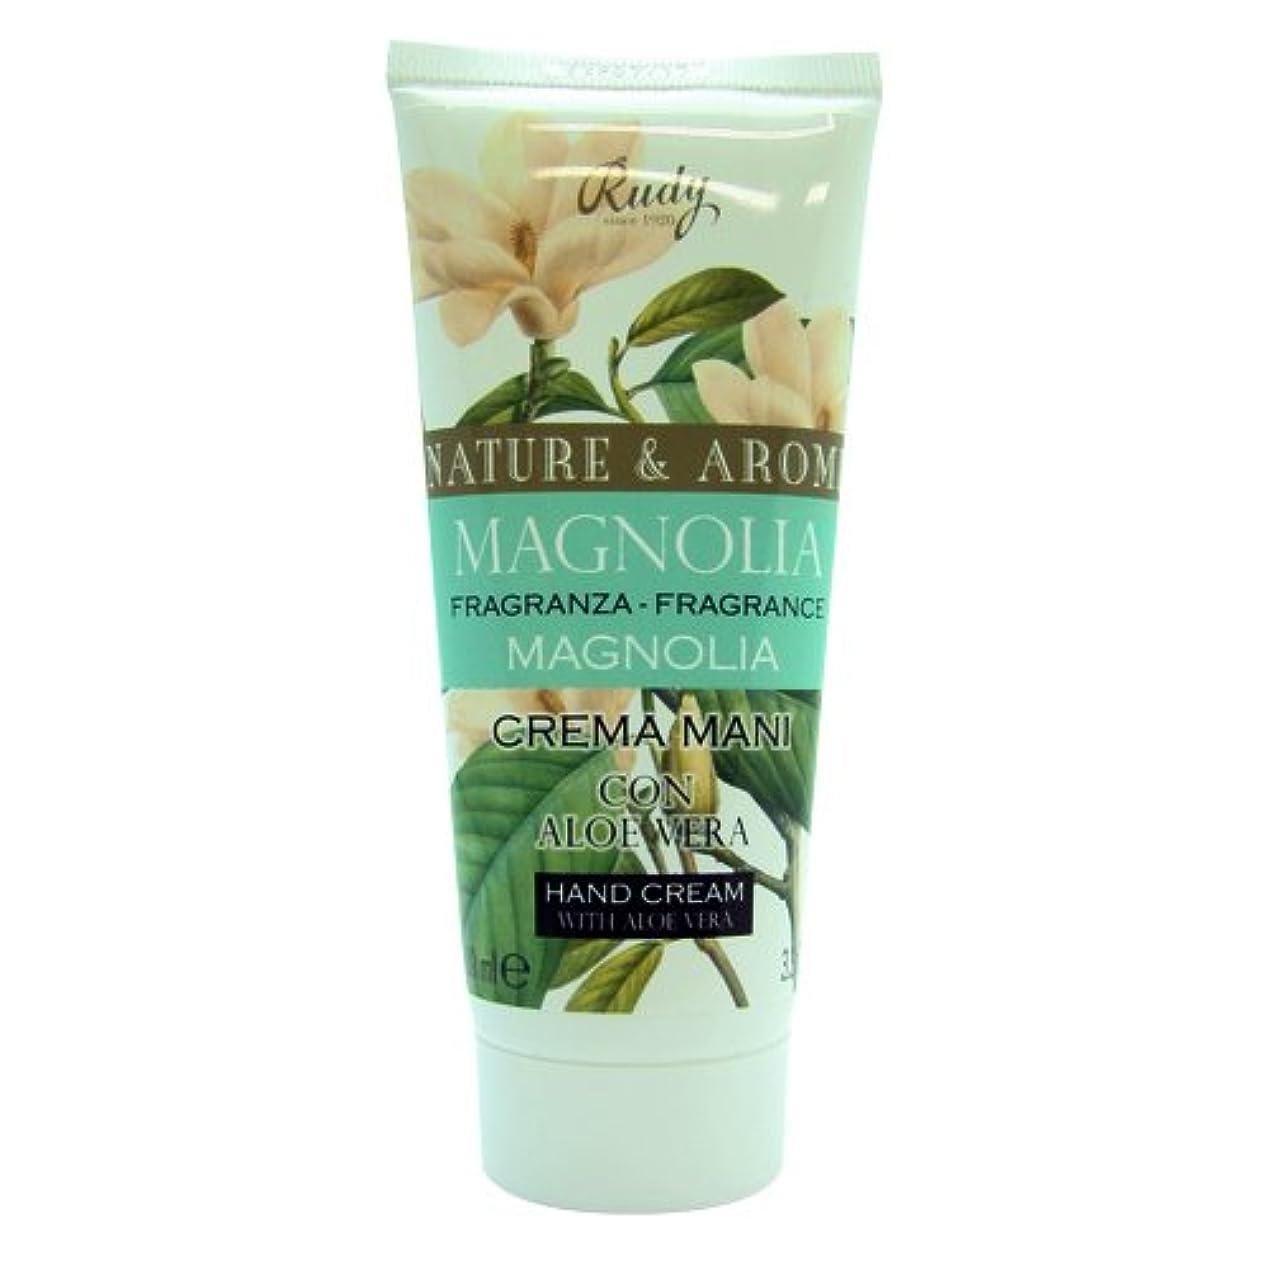 ロック解除ロック解除戻るRUDY Nature&Arome SERIES ルディ ナチュール&アロマ Hand Cream ハンドクリーム  Magnolia マグノリア